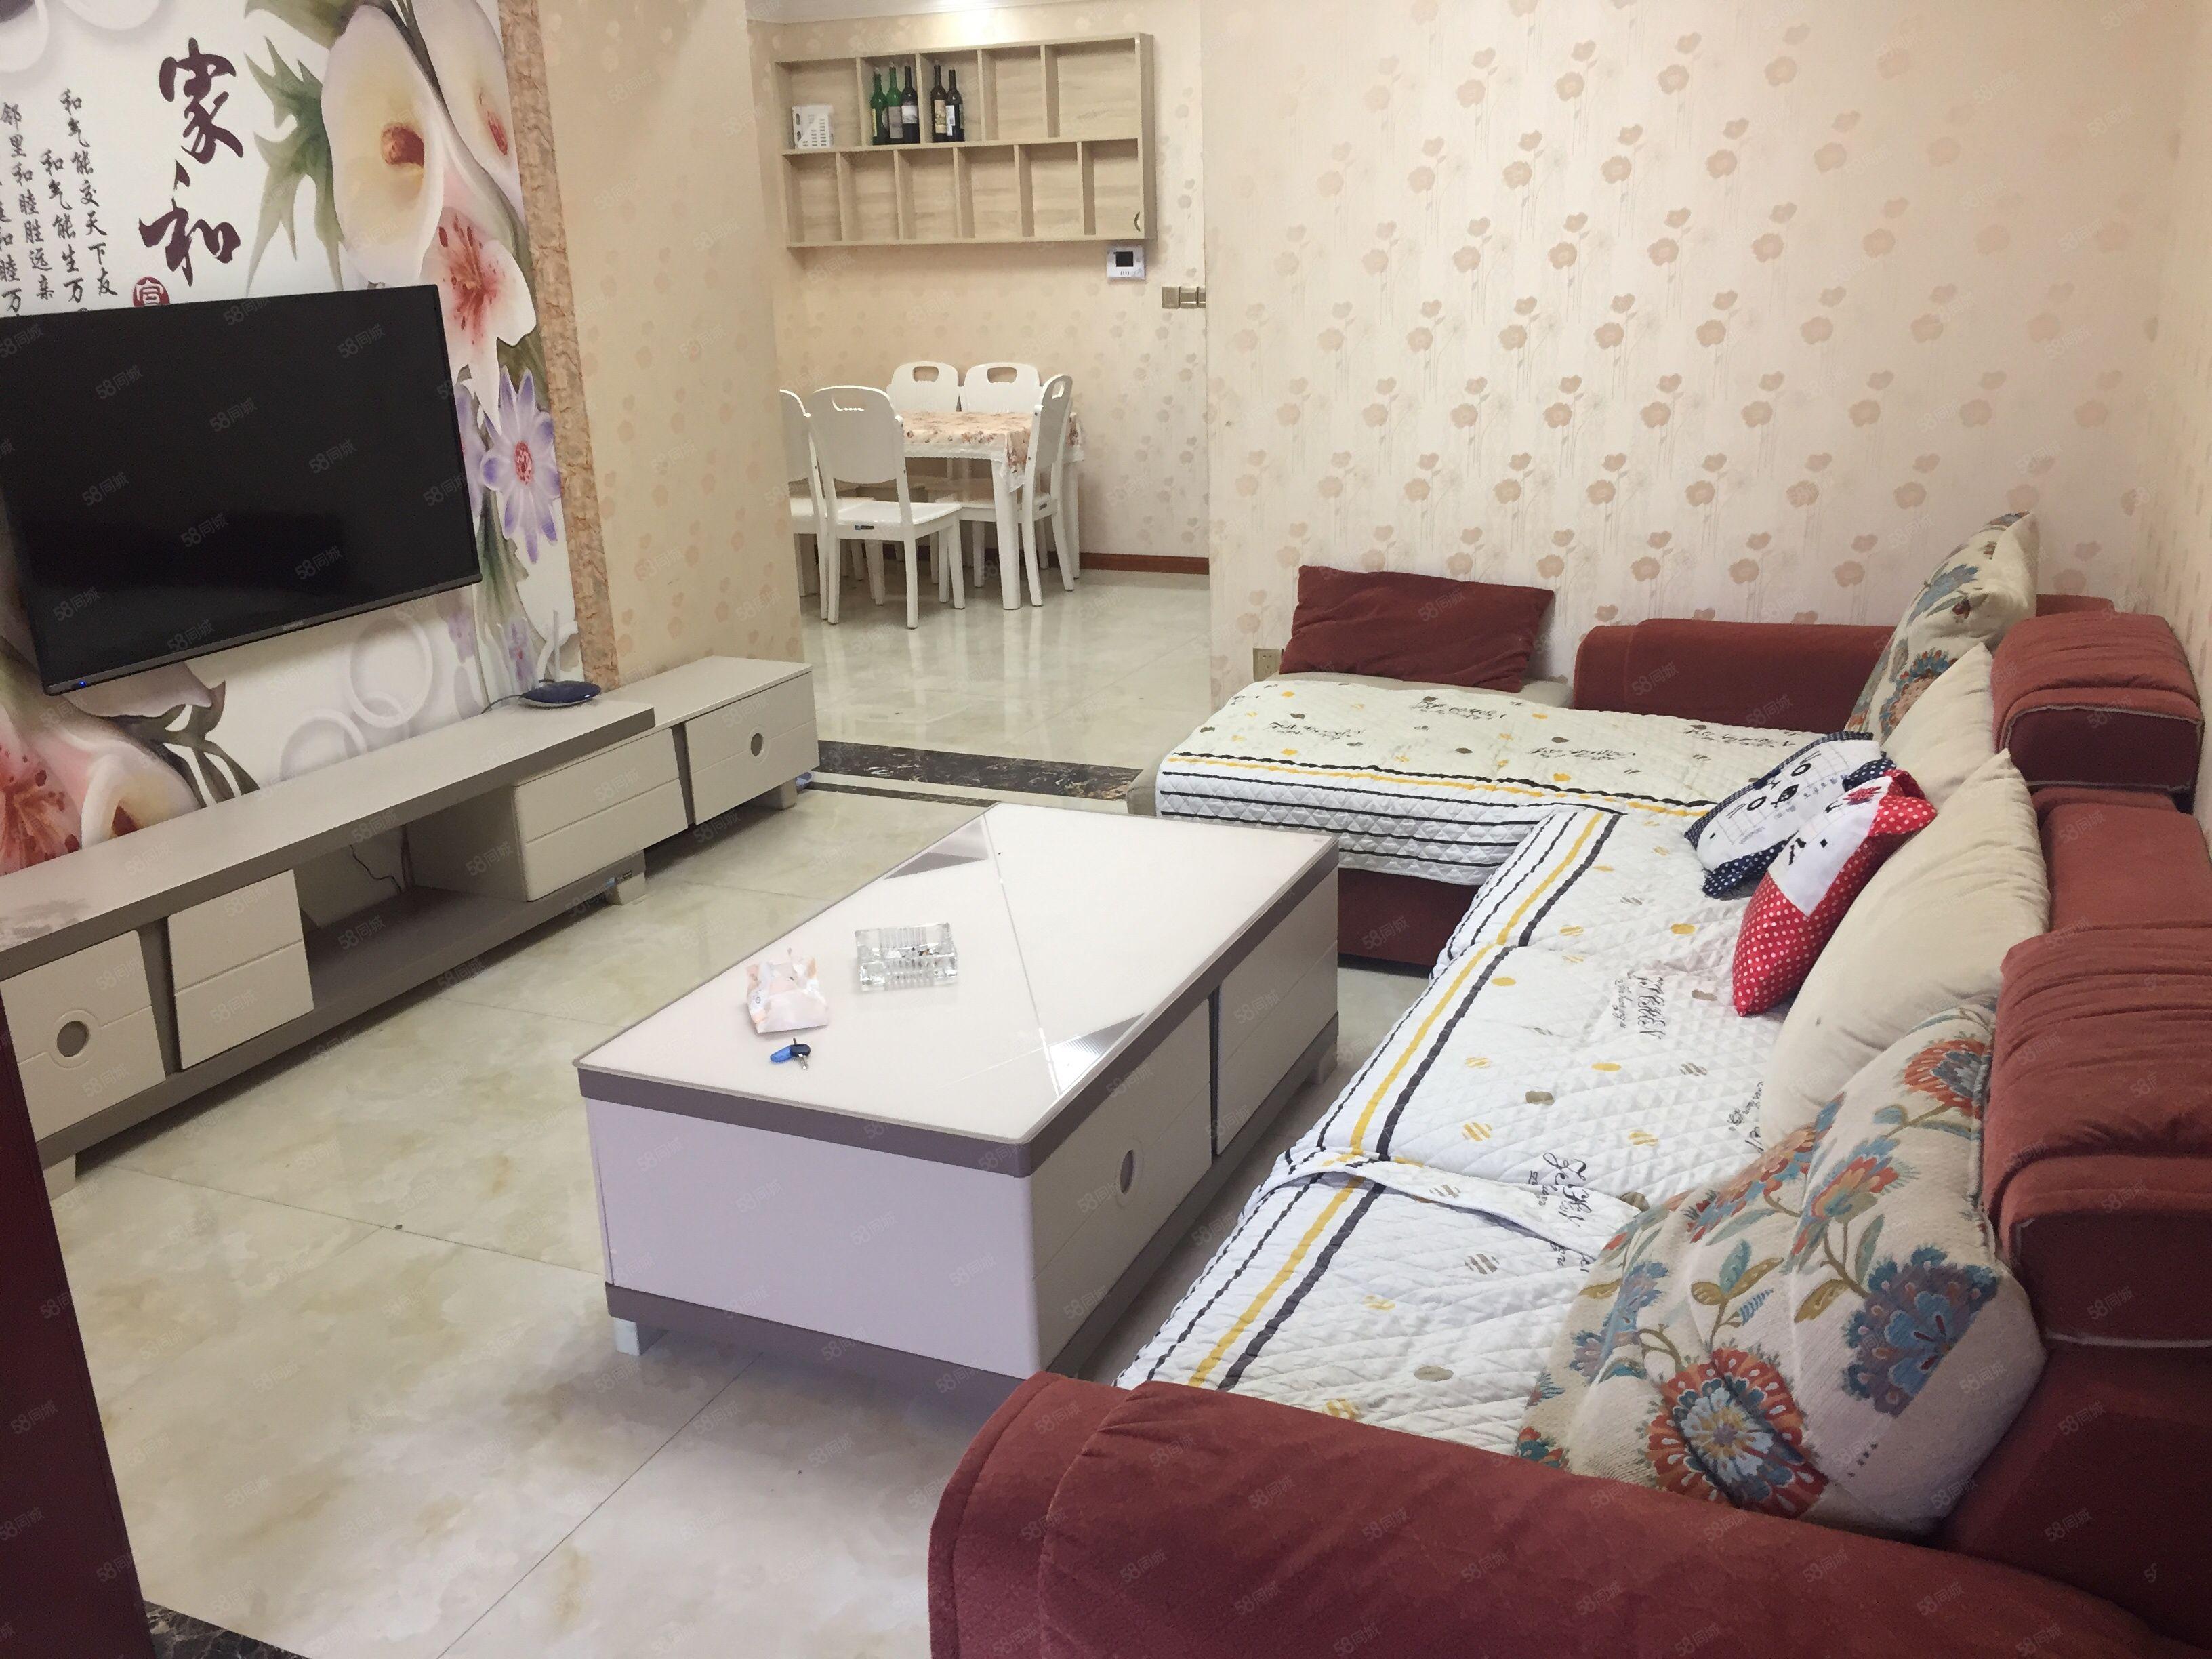 天籁城品质小区86平米住家精装3室2厅65.8万带一休闲厅